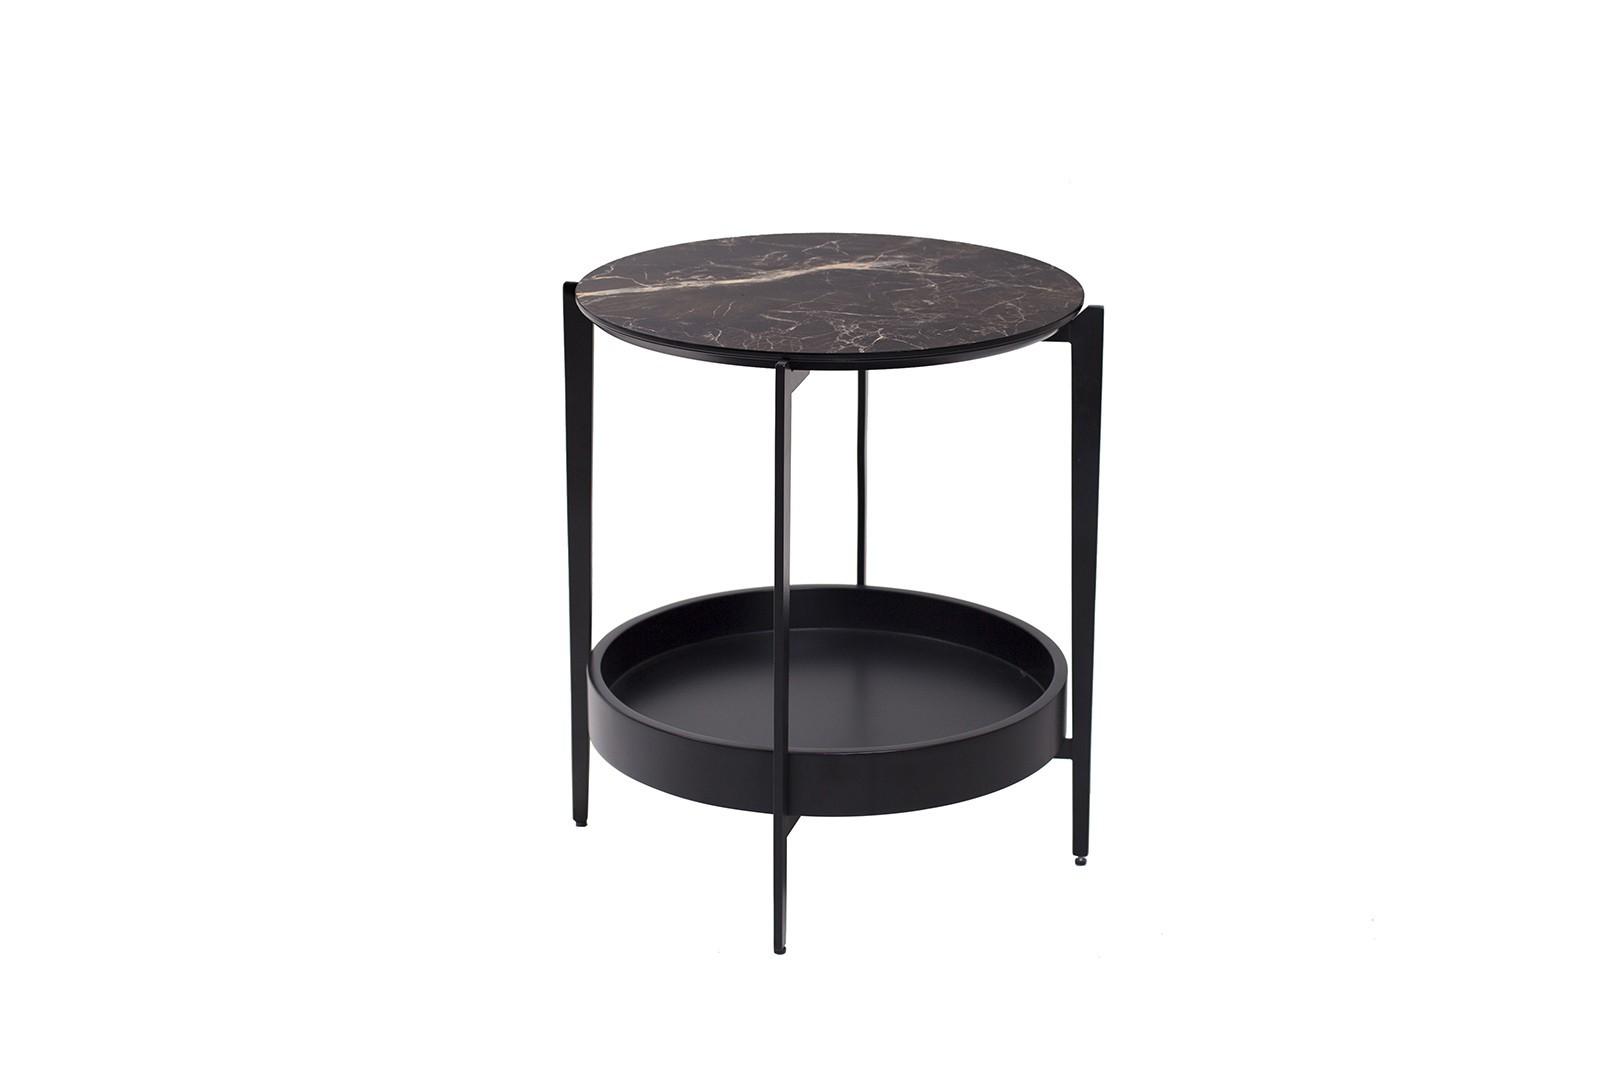 SIDE TABLE N.52 METAL CERAMIC